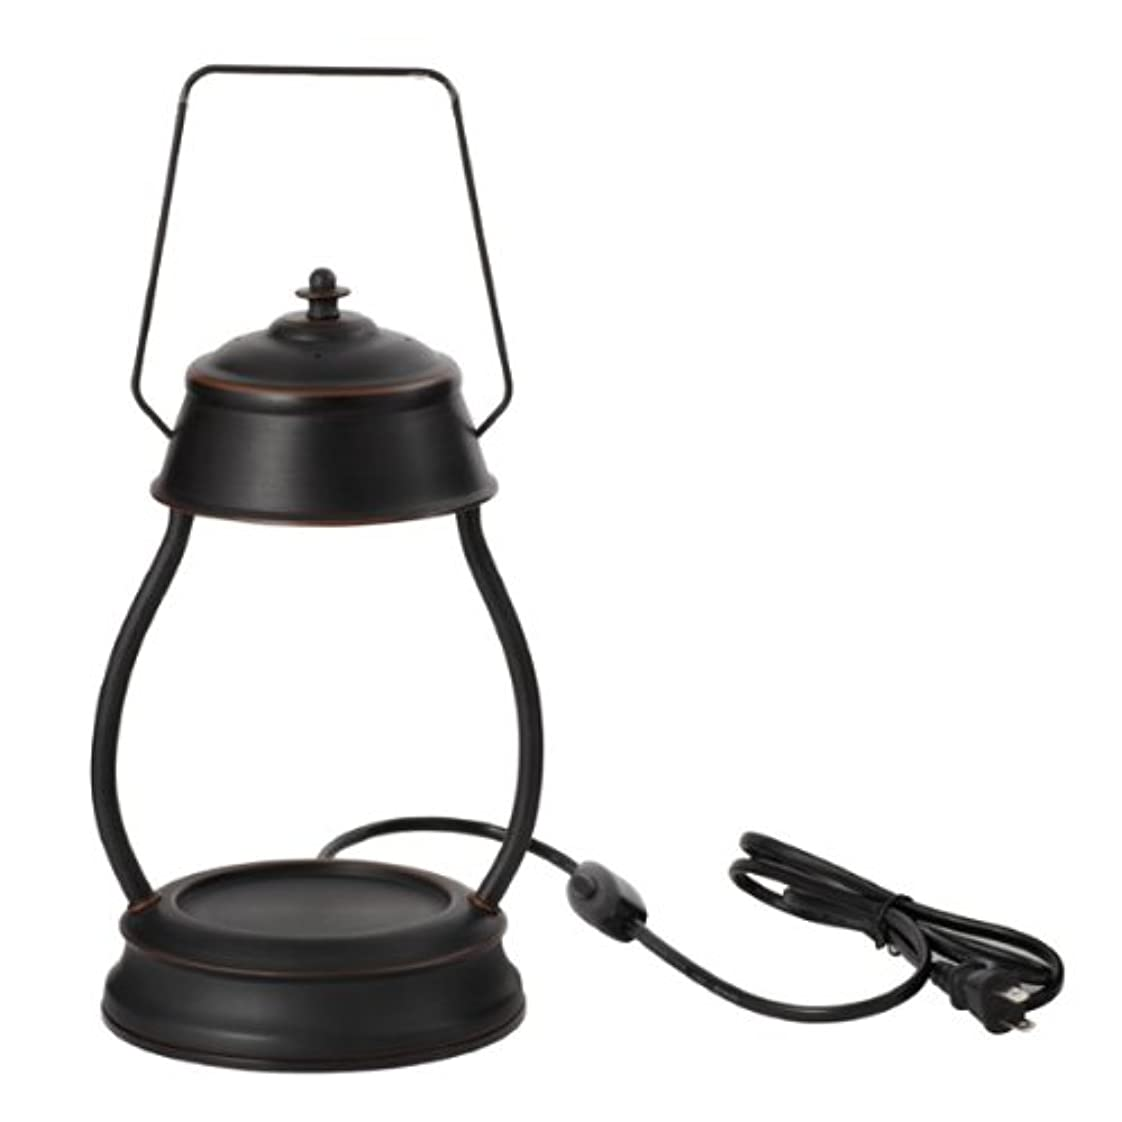 排出土砂降りクスコ電球の熱でキャンドルを溶かして香りを楽しむ電気スタンド キャンドルウォーマーランプ (ブラウン)